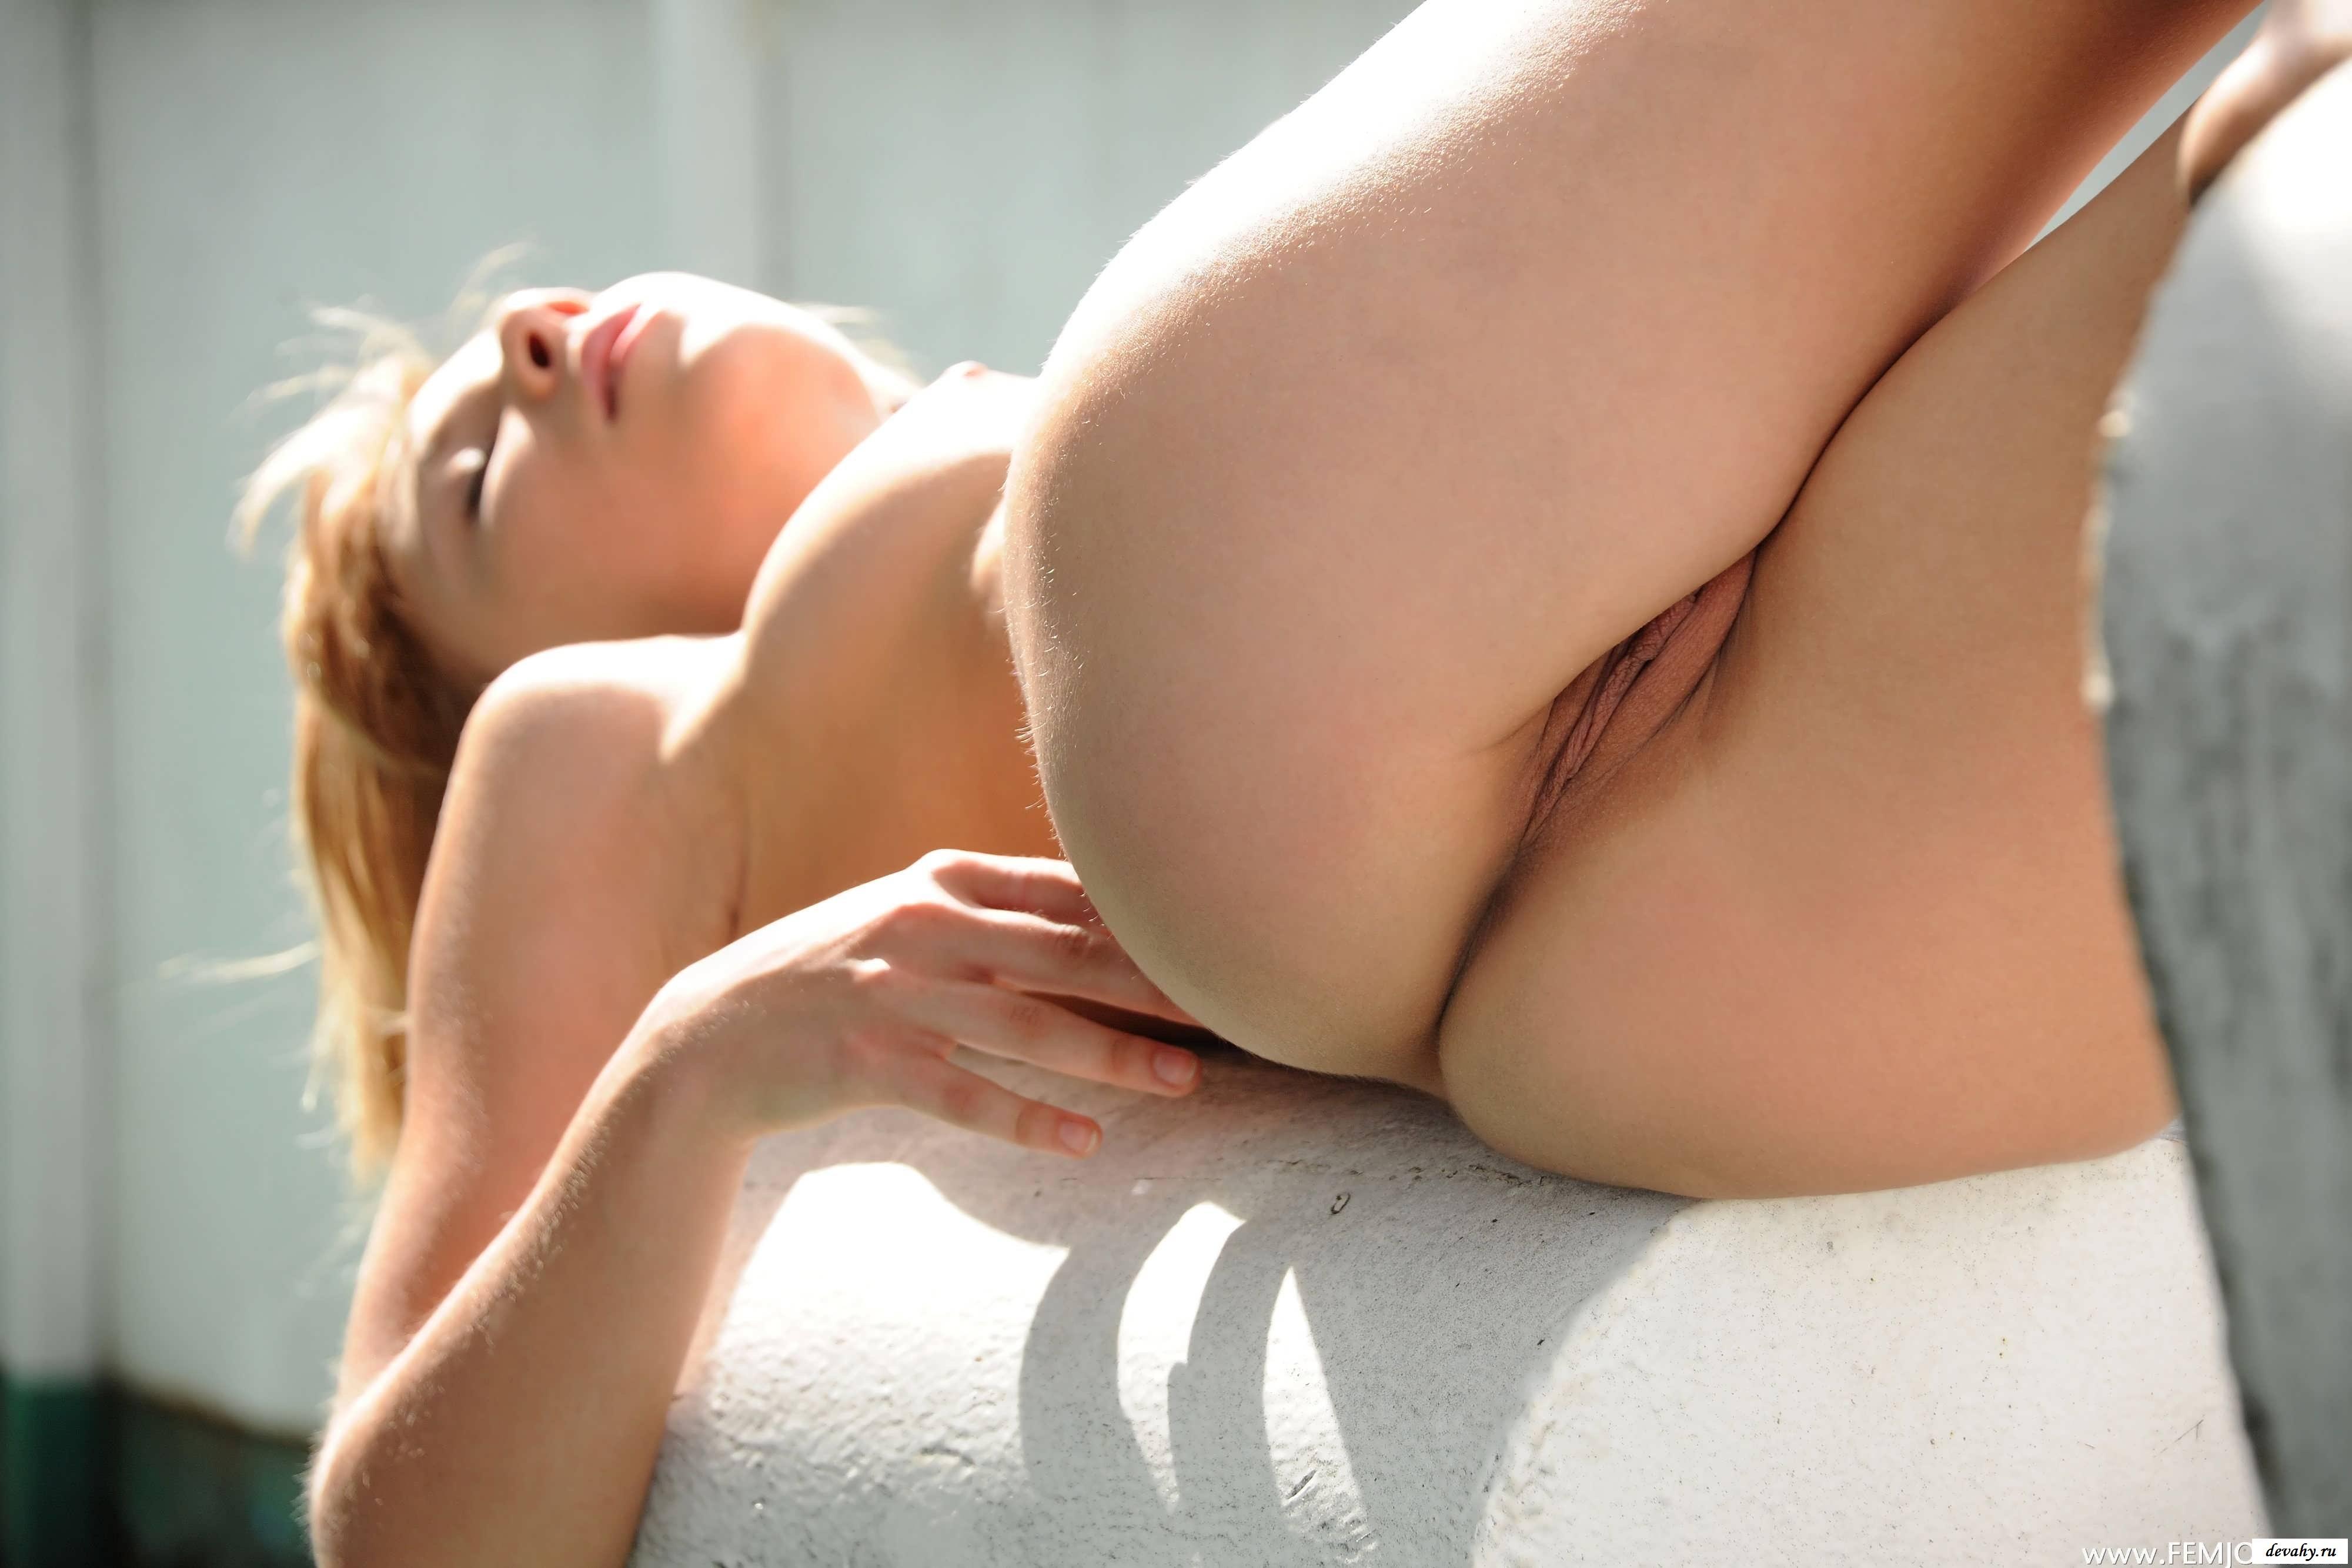 Подкачанная попка  голой девушки в платье    (26 фото эротики)